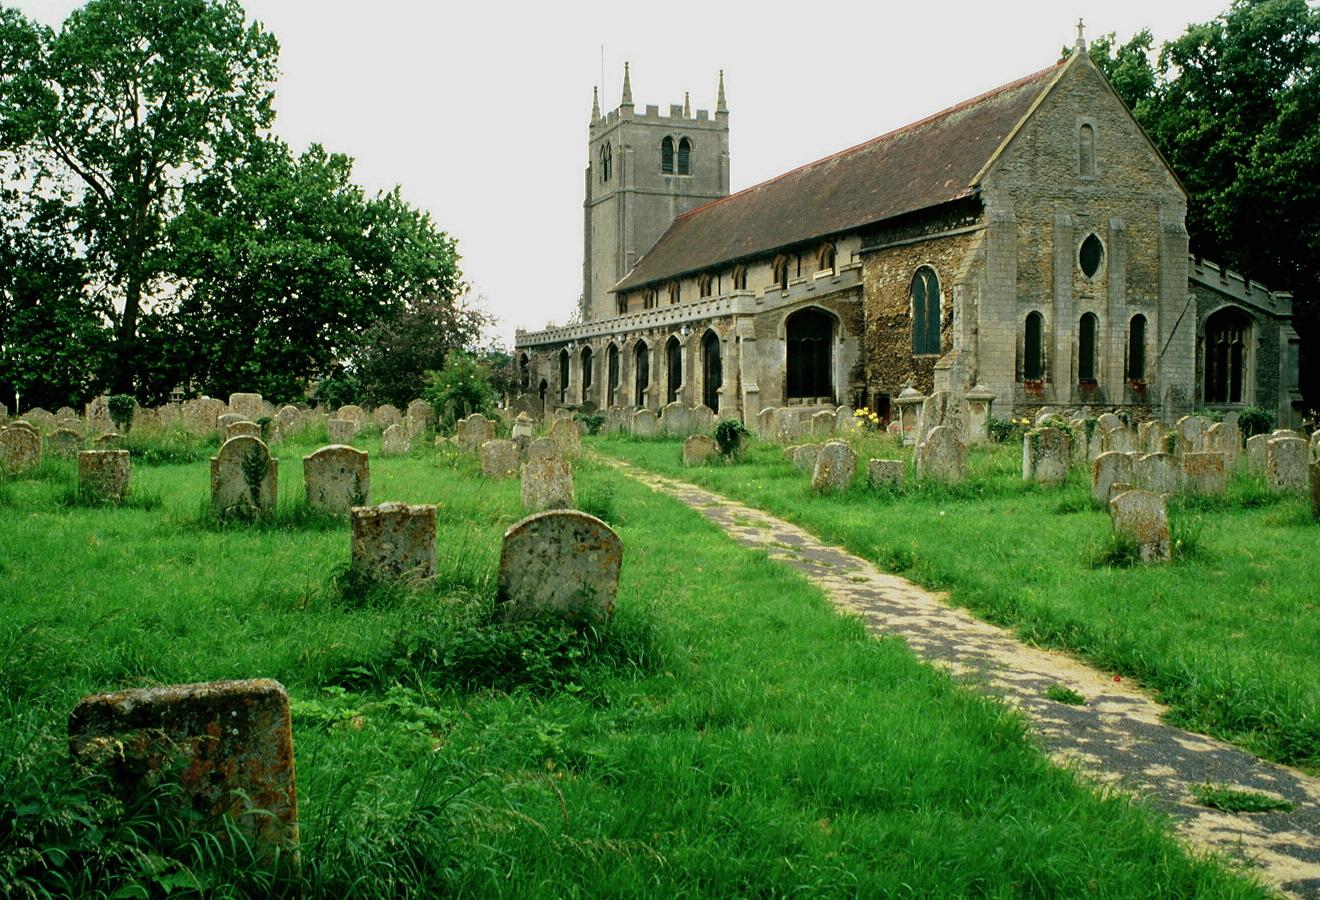 St Thomas à Becket, Ramsey